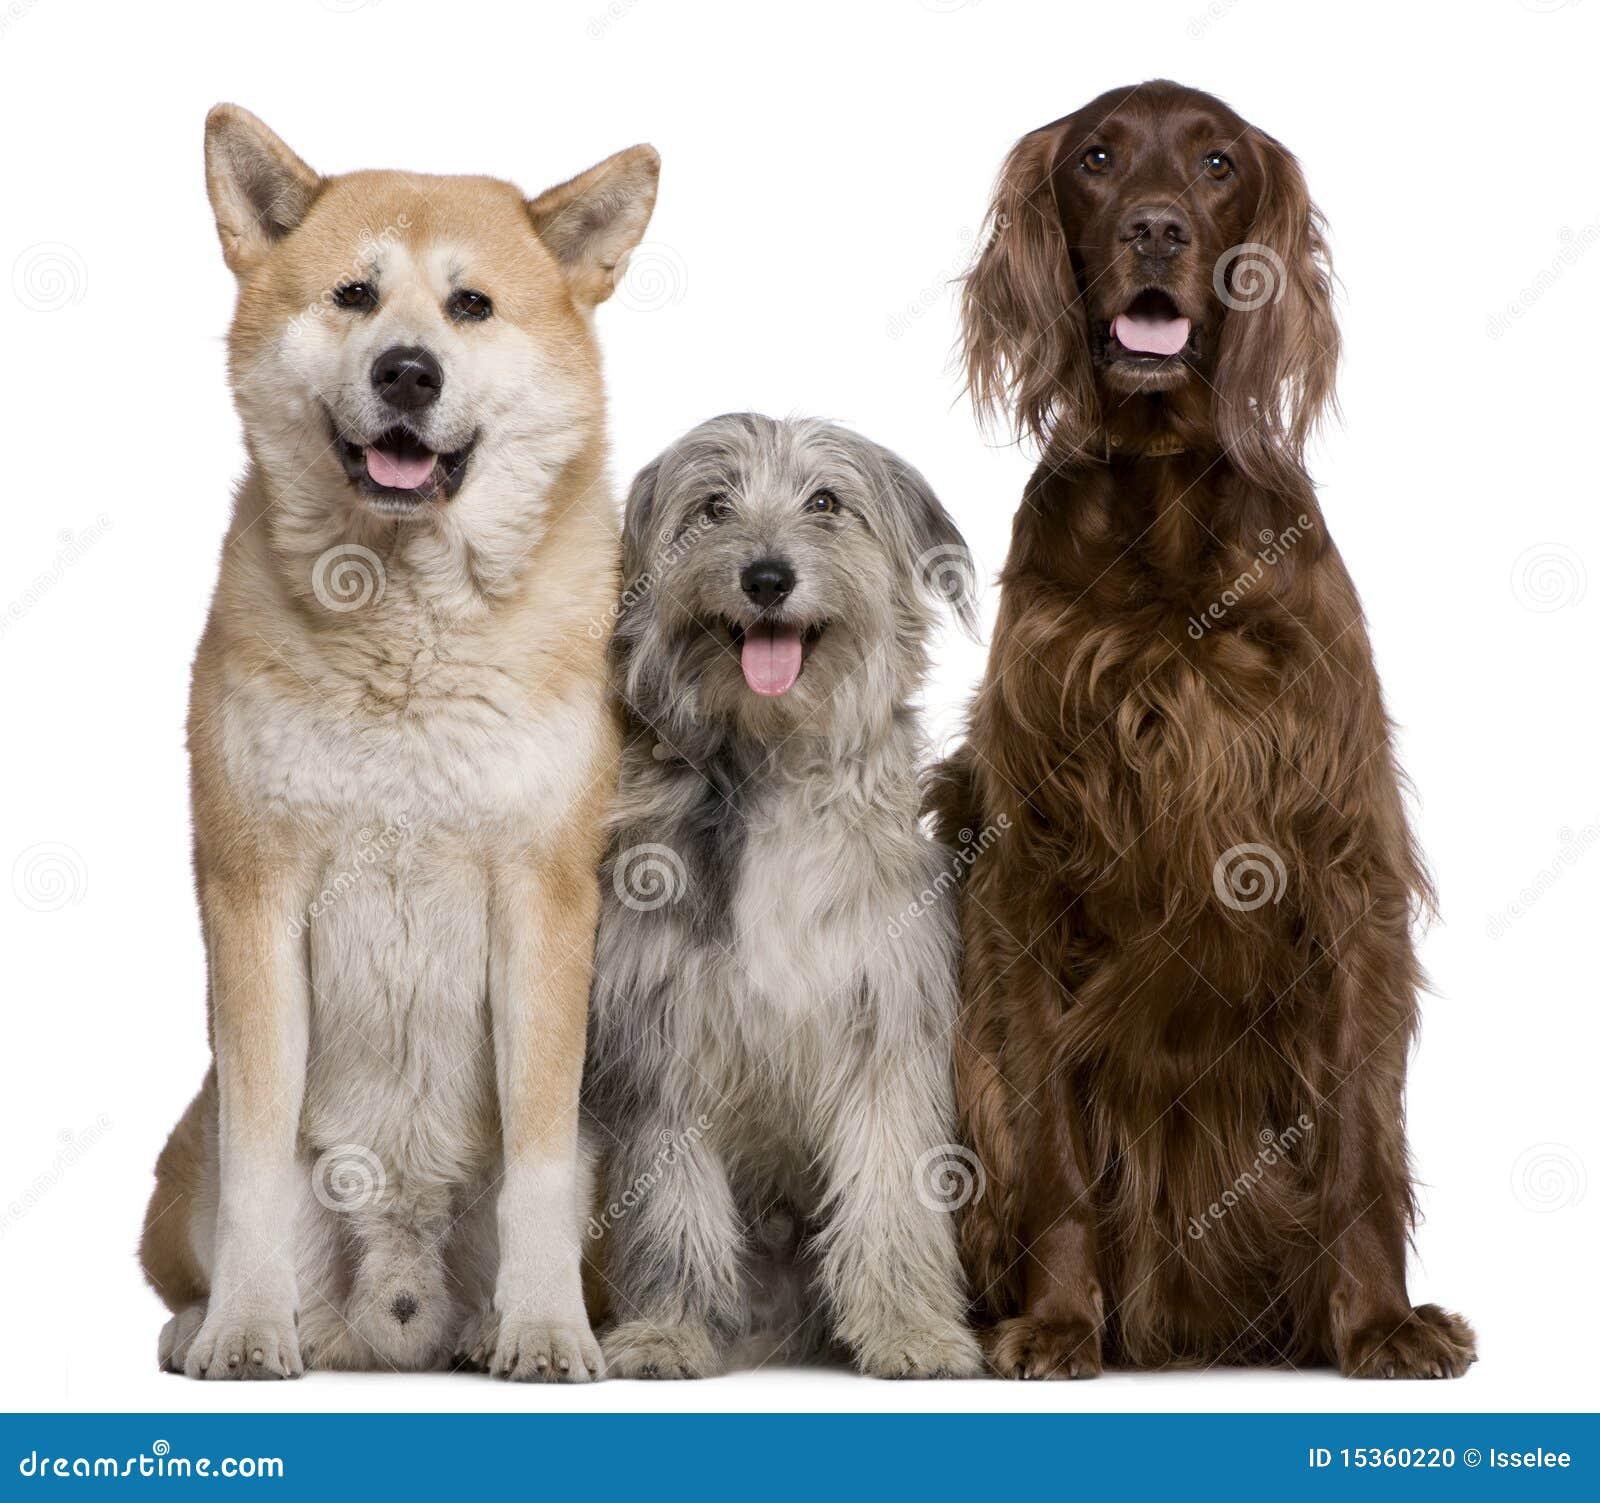 Irish Setter, Akita Inu and Pyrenean Shepherd dog